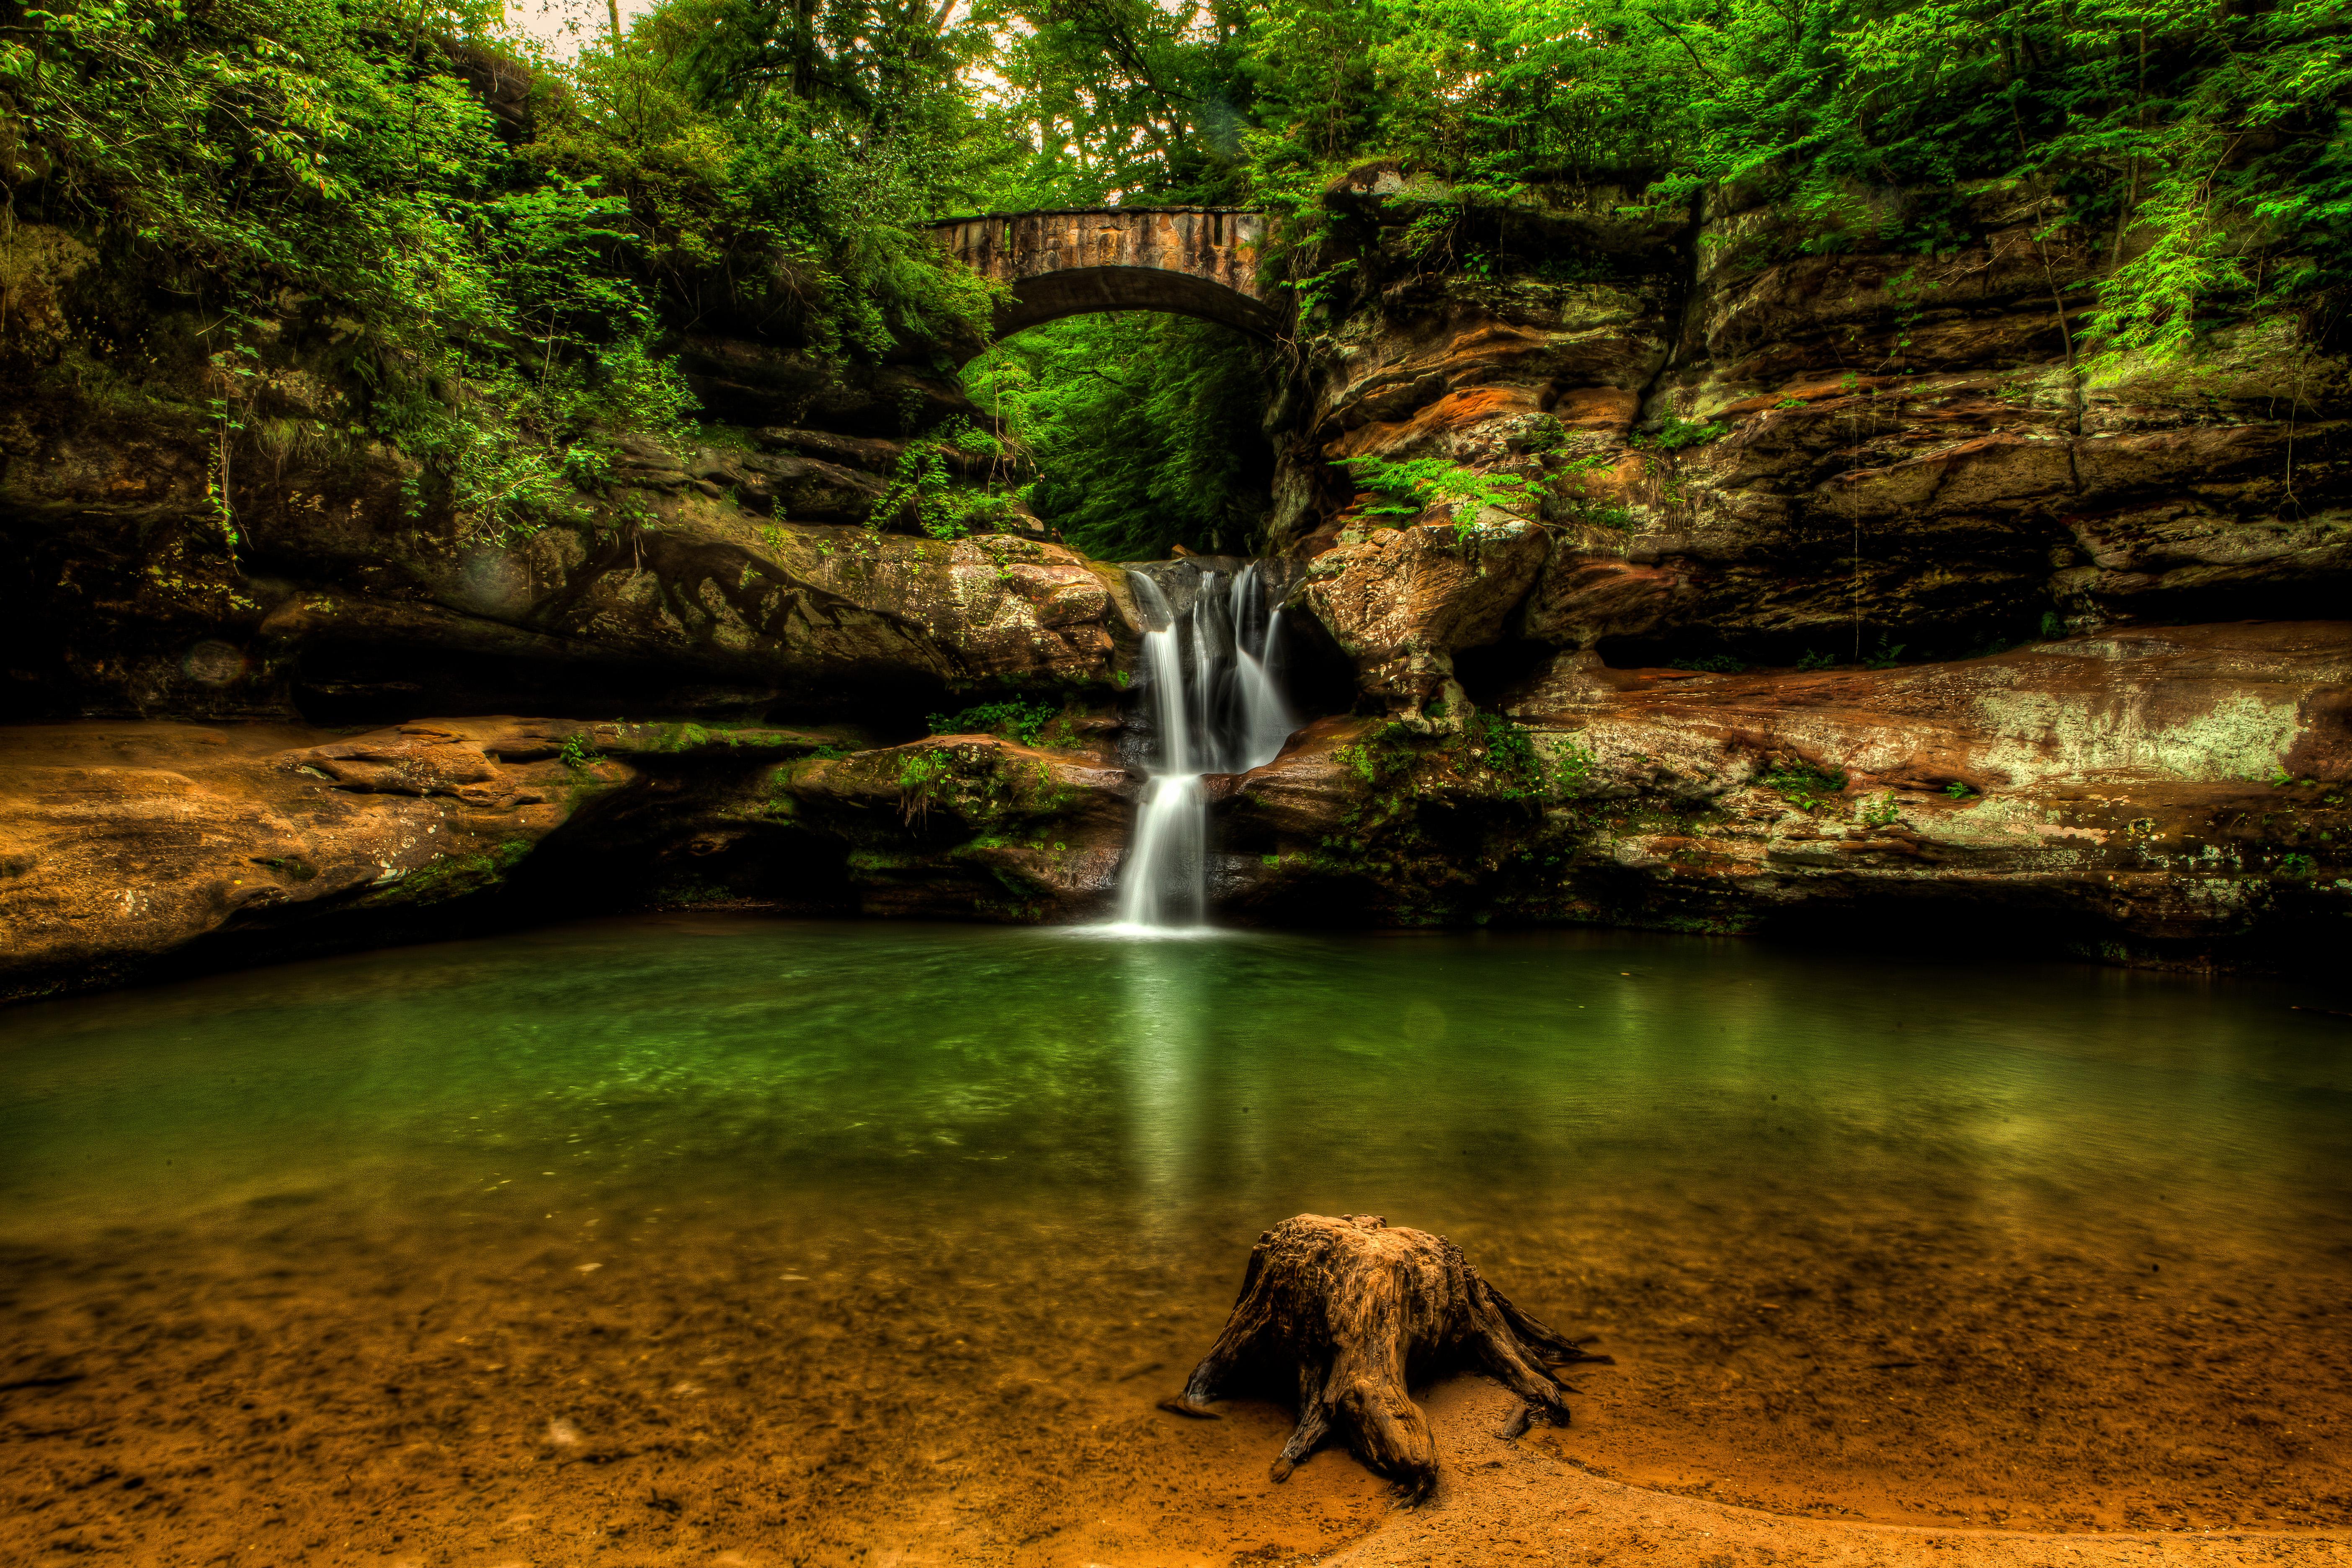 Upper Falls, Old Mans Cave, Hocking Hills State Park